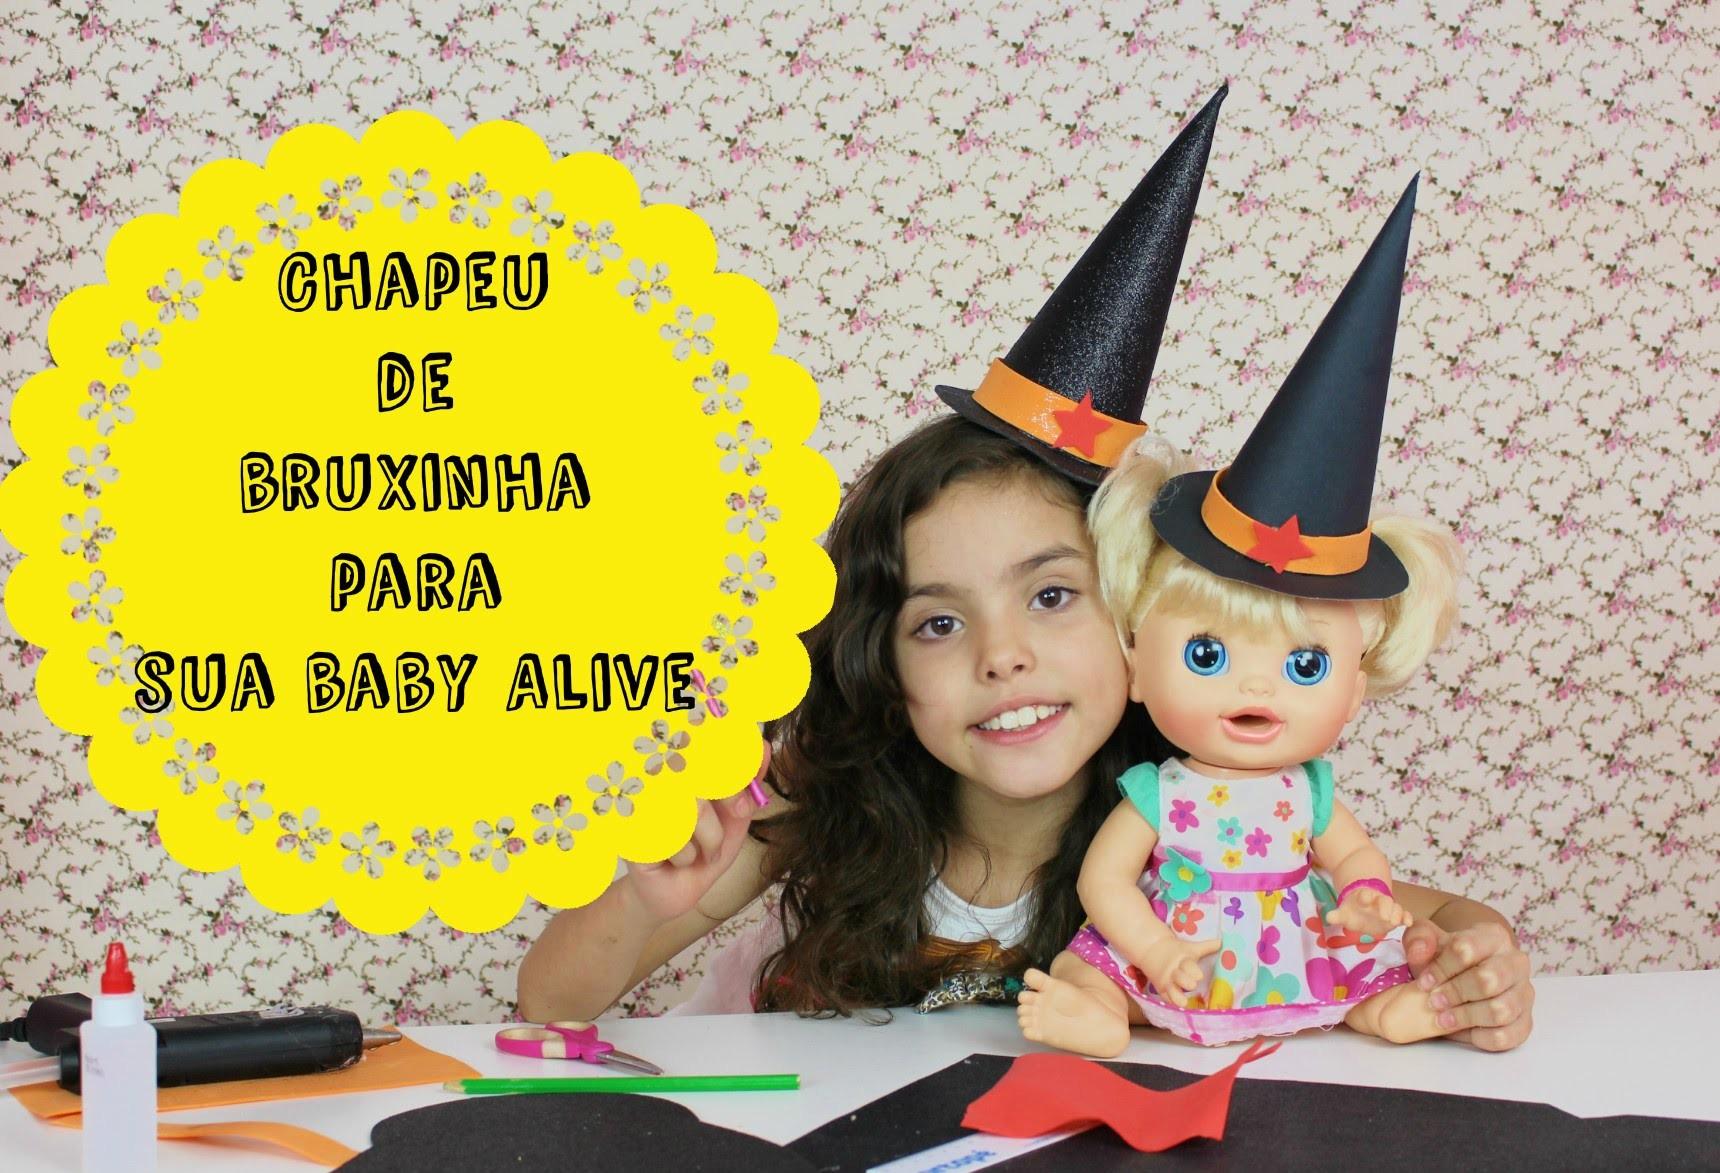 Como fazer um Chapéu de bruxa - Especial Halloween.  How to Make a Witch Hat